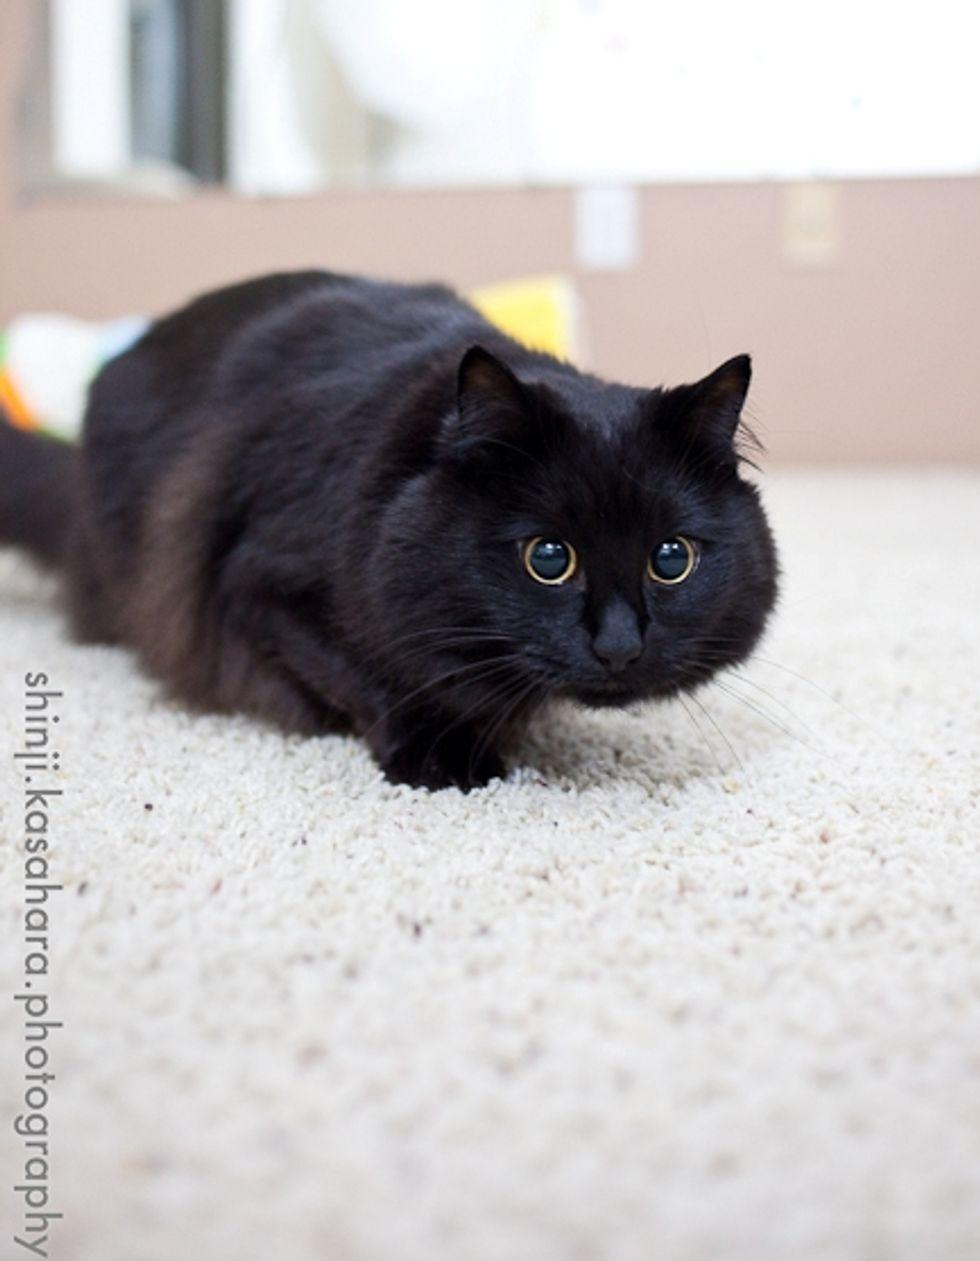 Cat Missile Attack